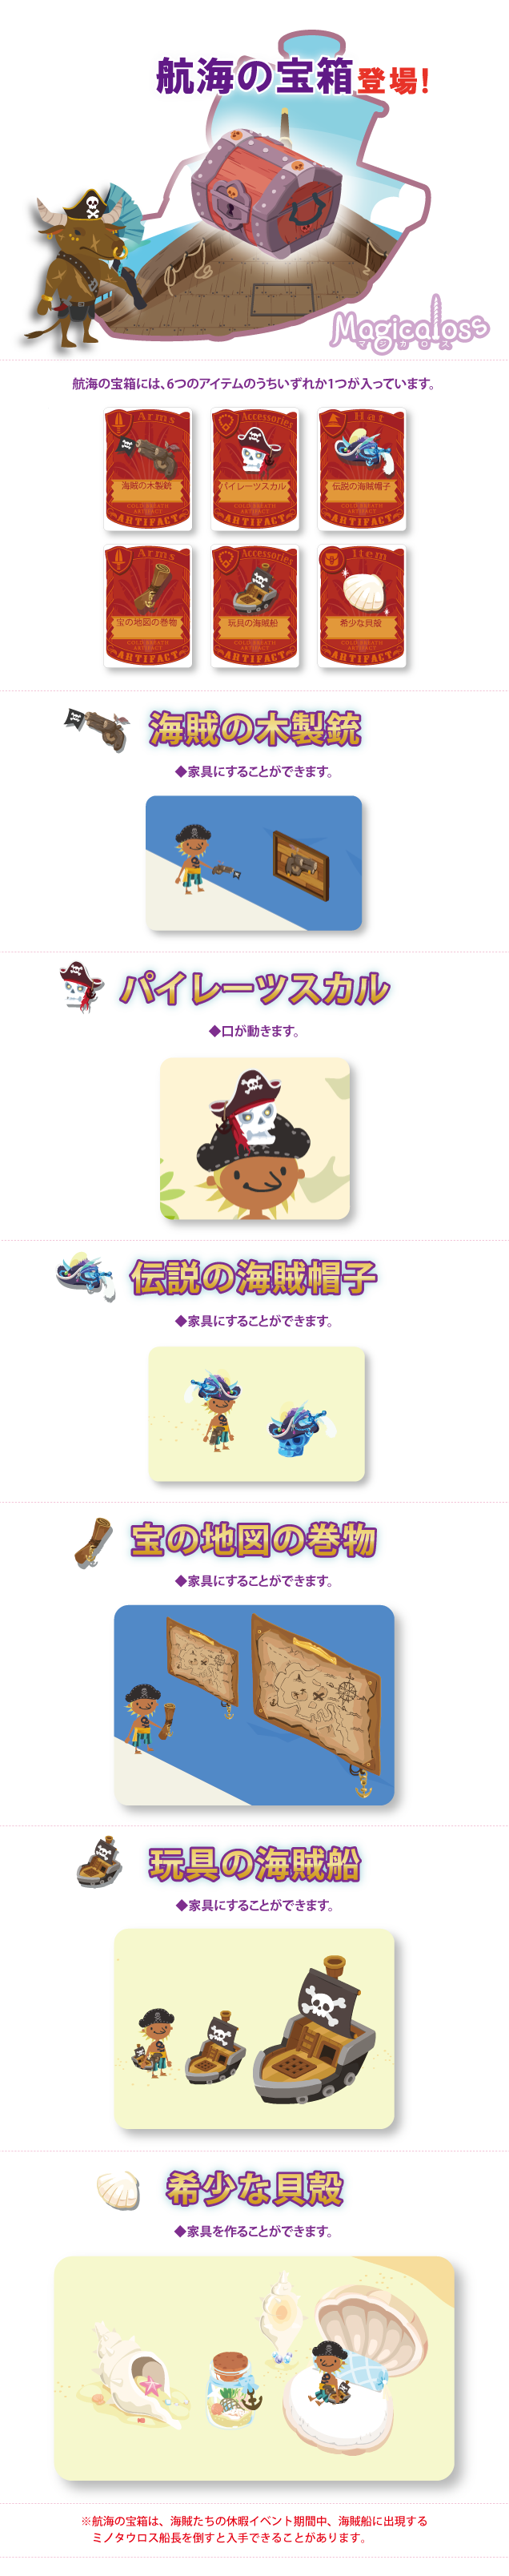 航海の宝箱登場!